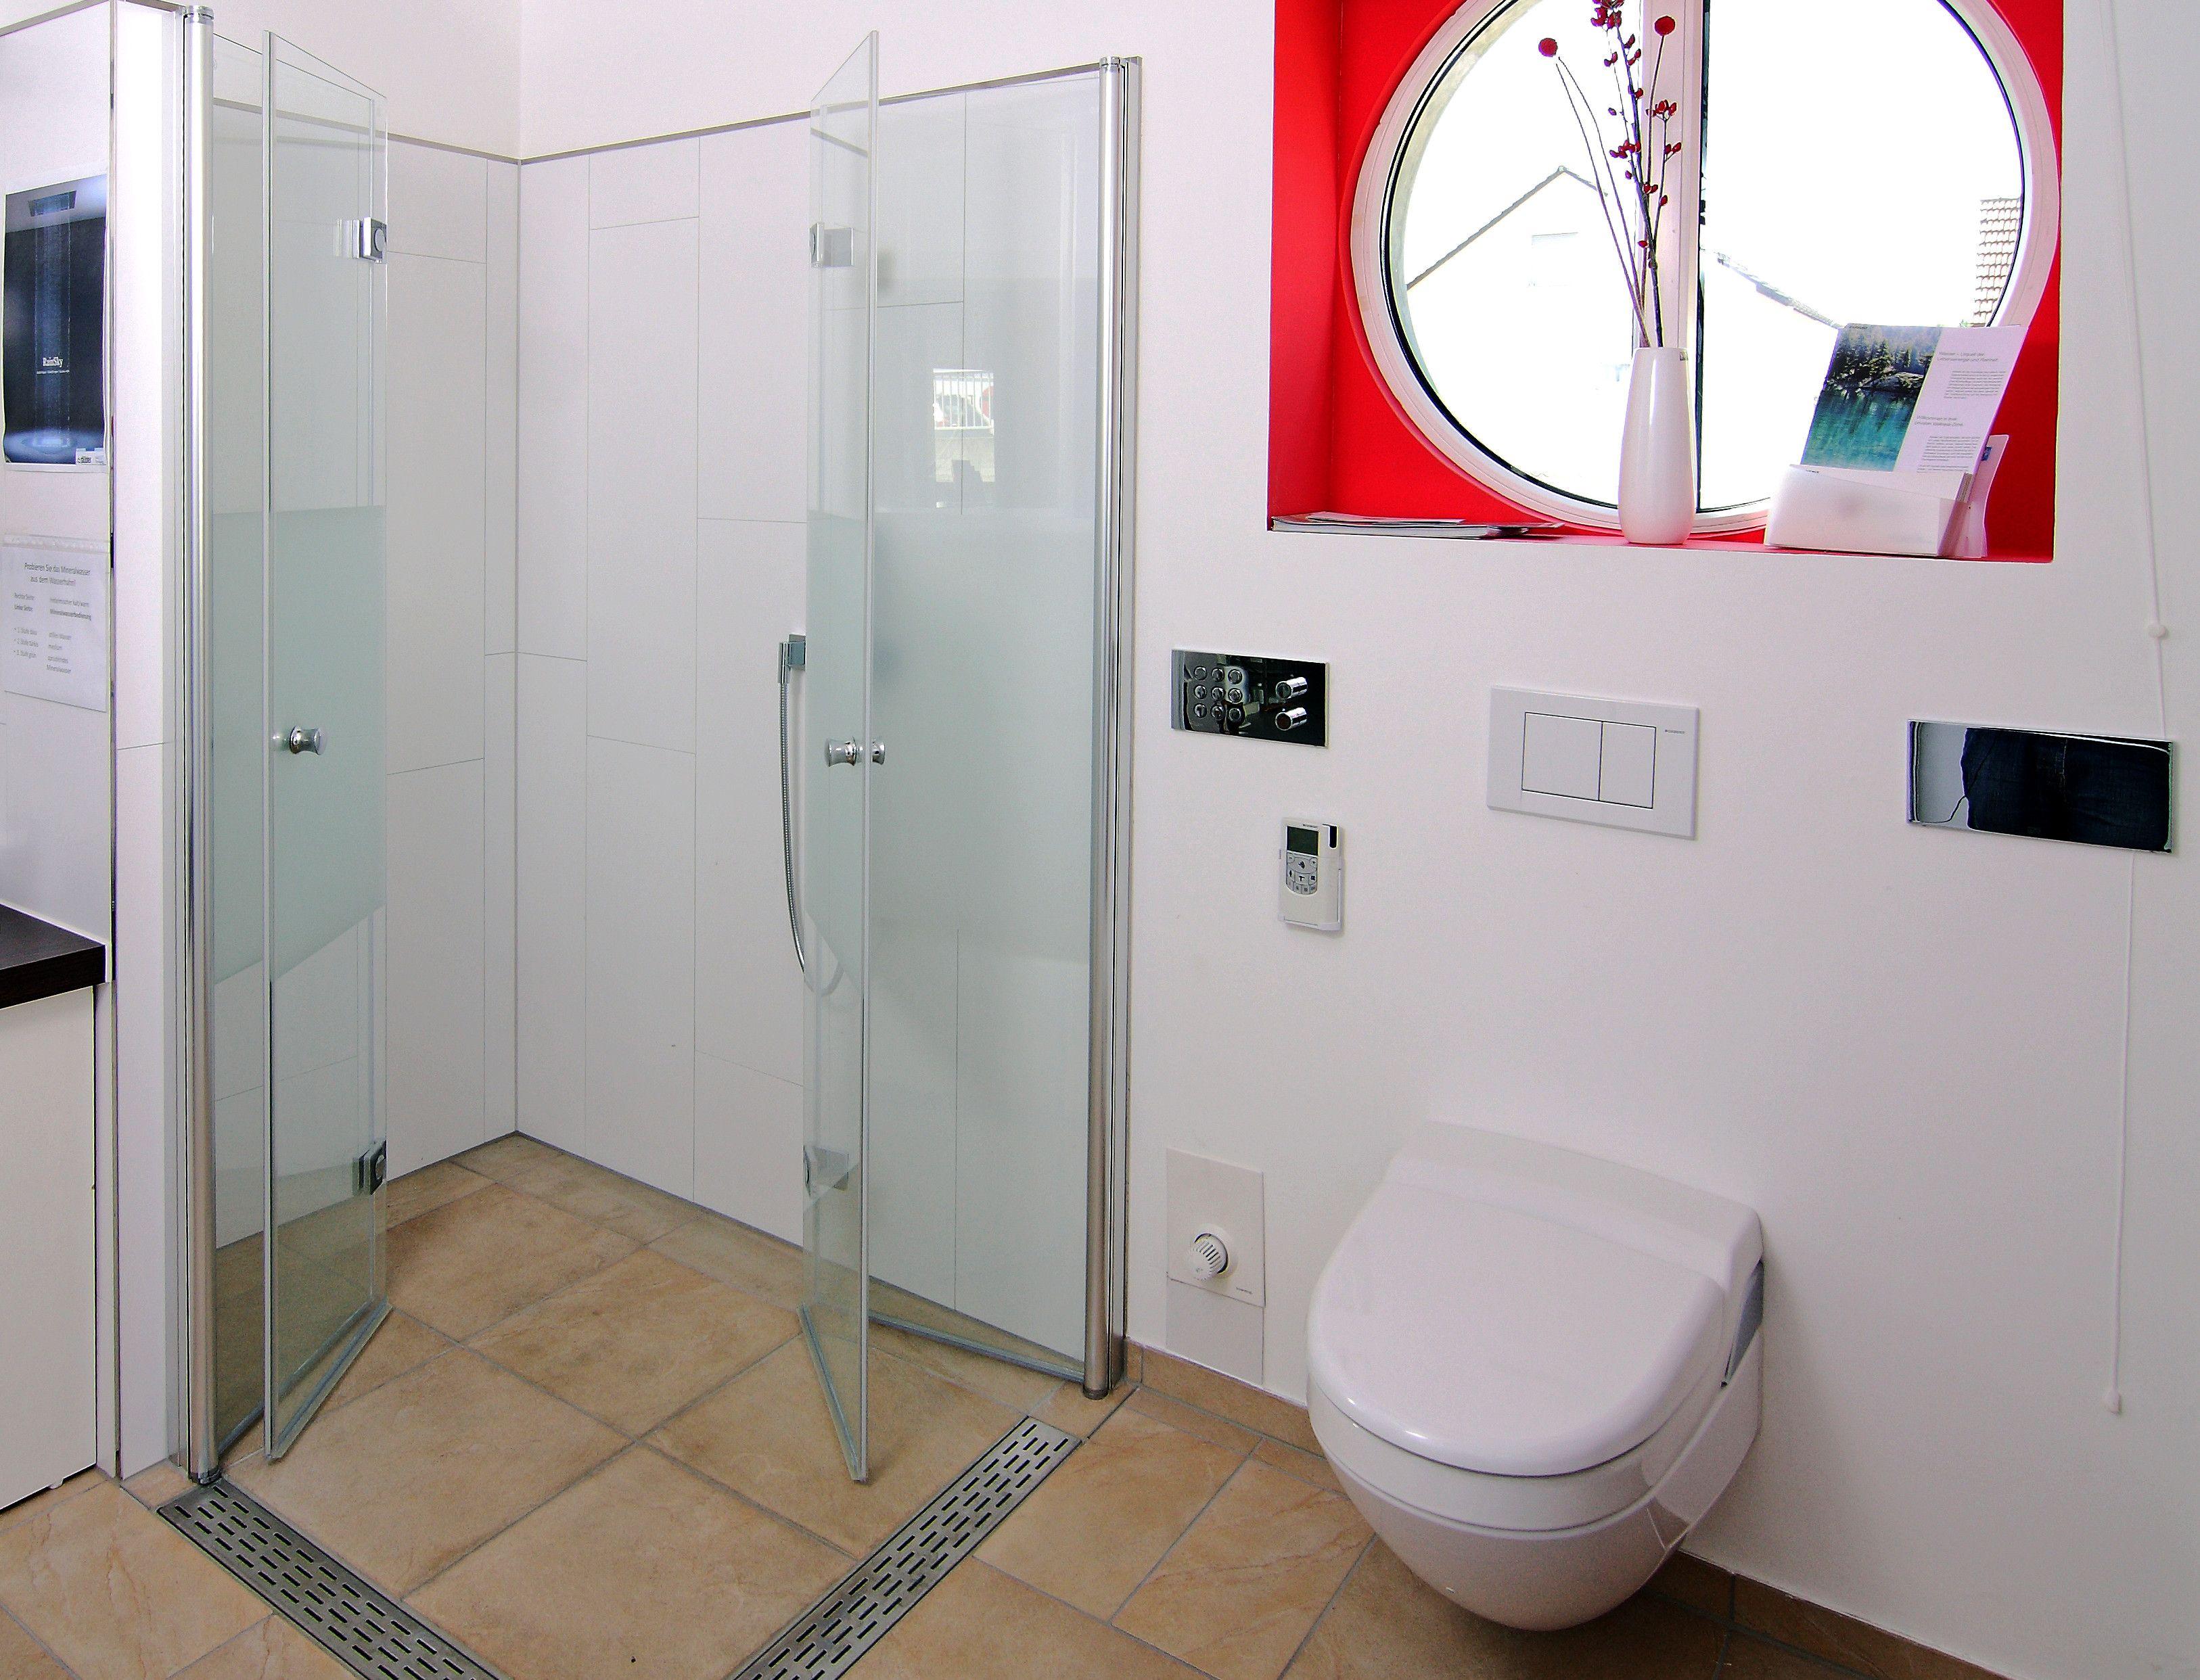 Badezimmerplaner Kostenlos ~ Villeroy boch badplaner traumbad. 59 best wohnideen badezimmer